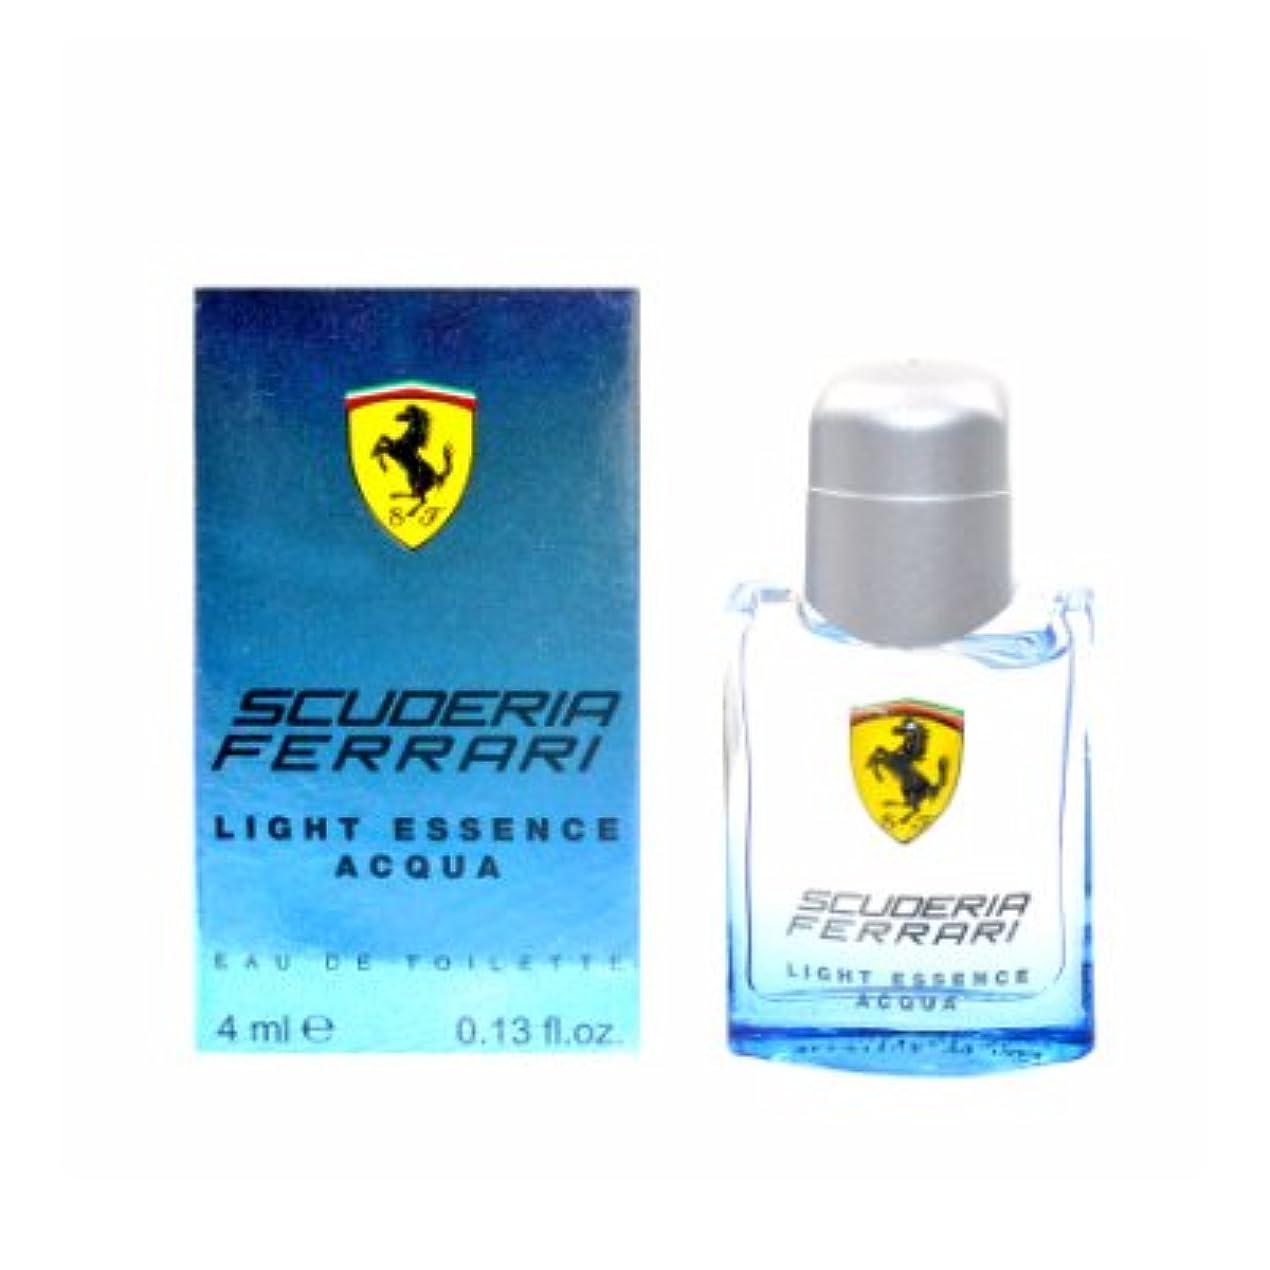 自然不規則性インタラクションFerrari Scuderia Light Essence Acqua EDT Mini 4ml(フェラーリ スクーデリア ライト エッセンス アクア オードトワレ ミニ 4ml)[海外直送品] [並行輸入品]